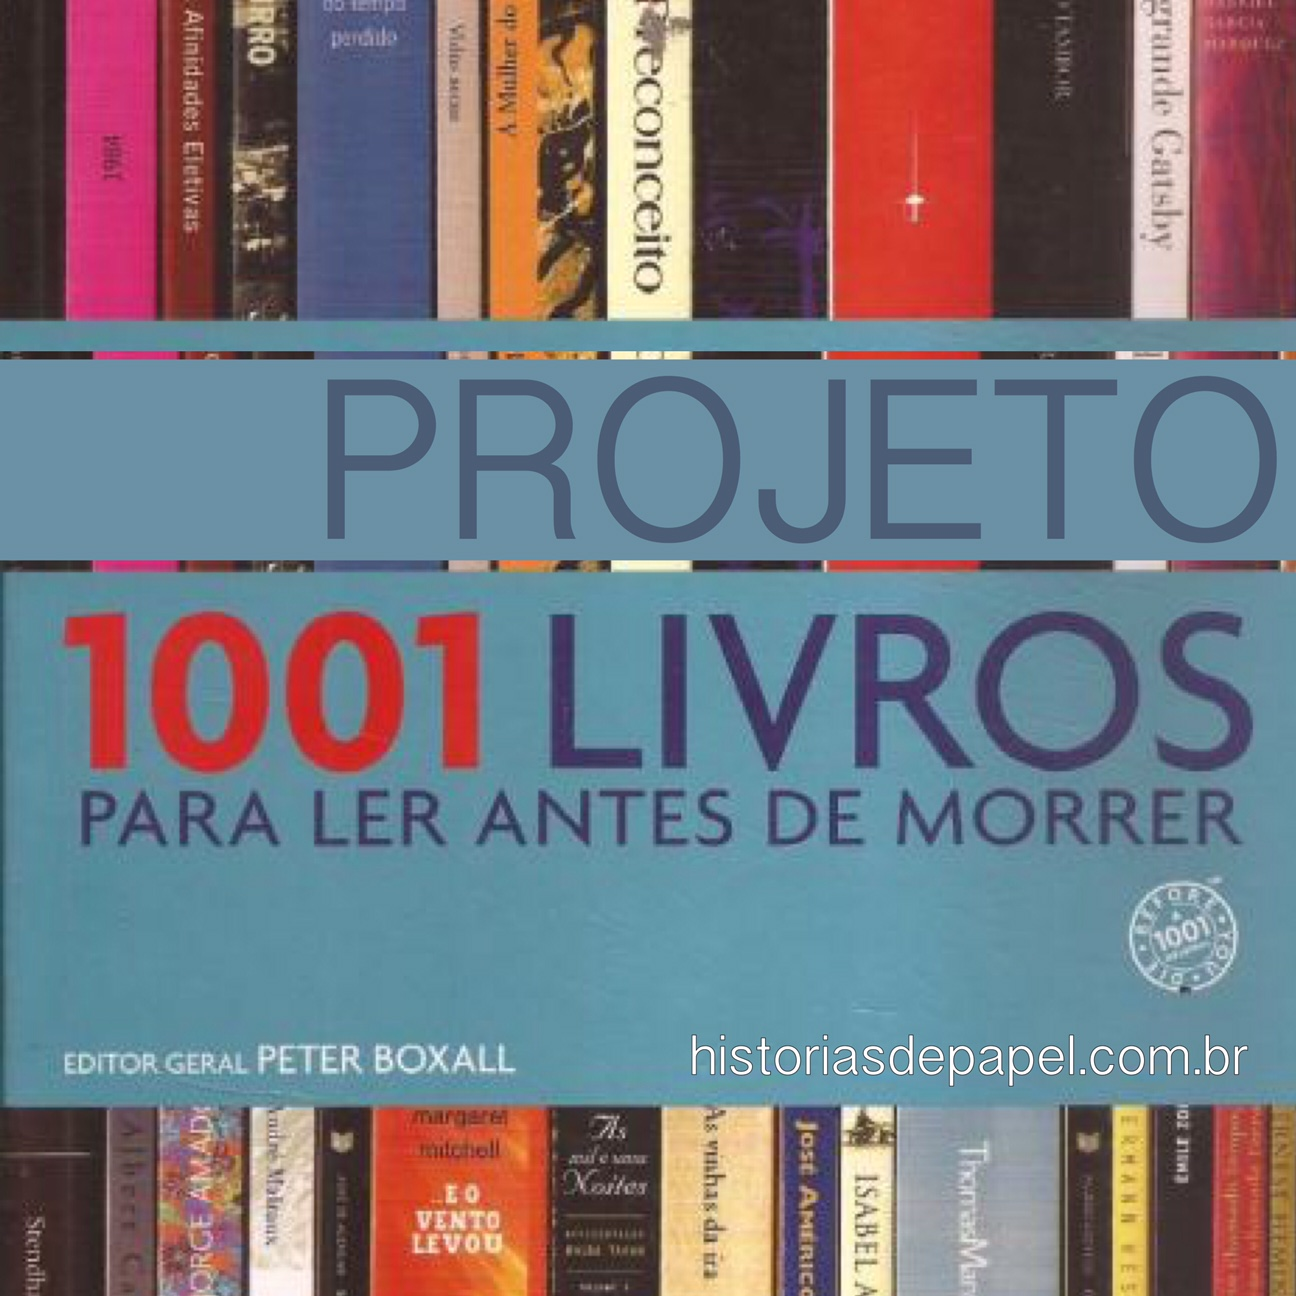 Projeto 1001 Livros